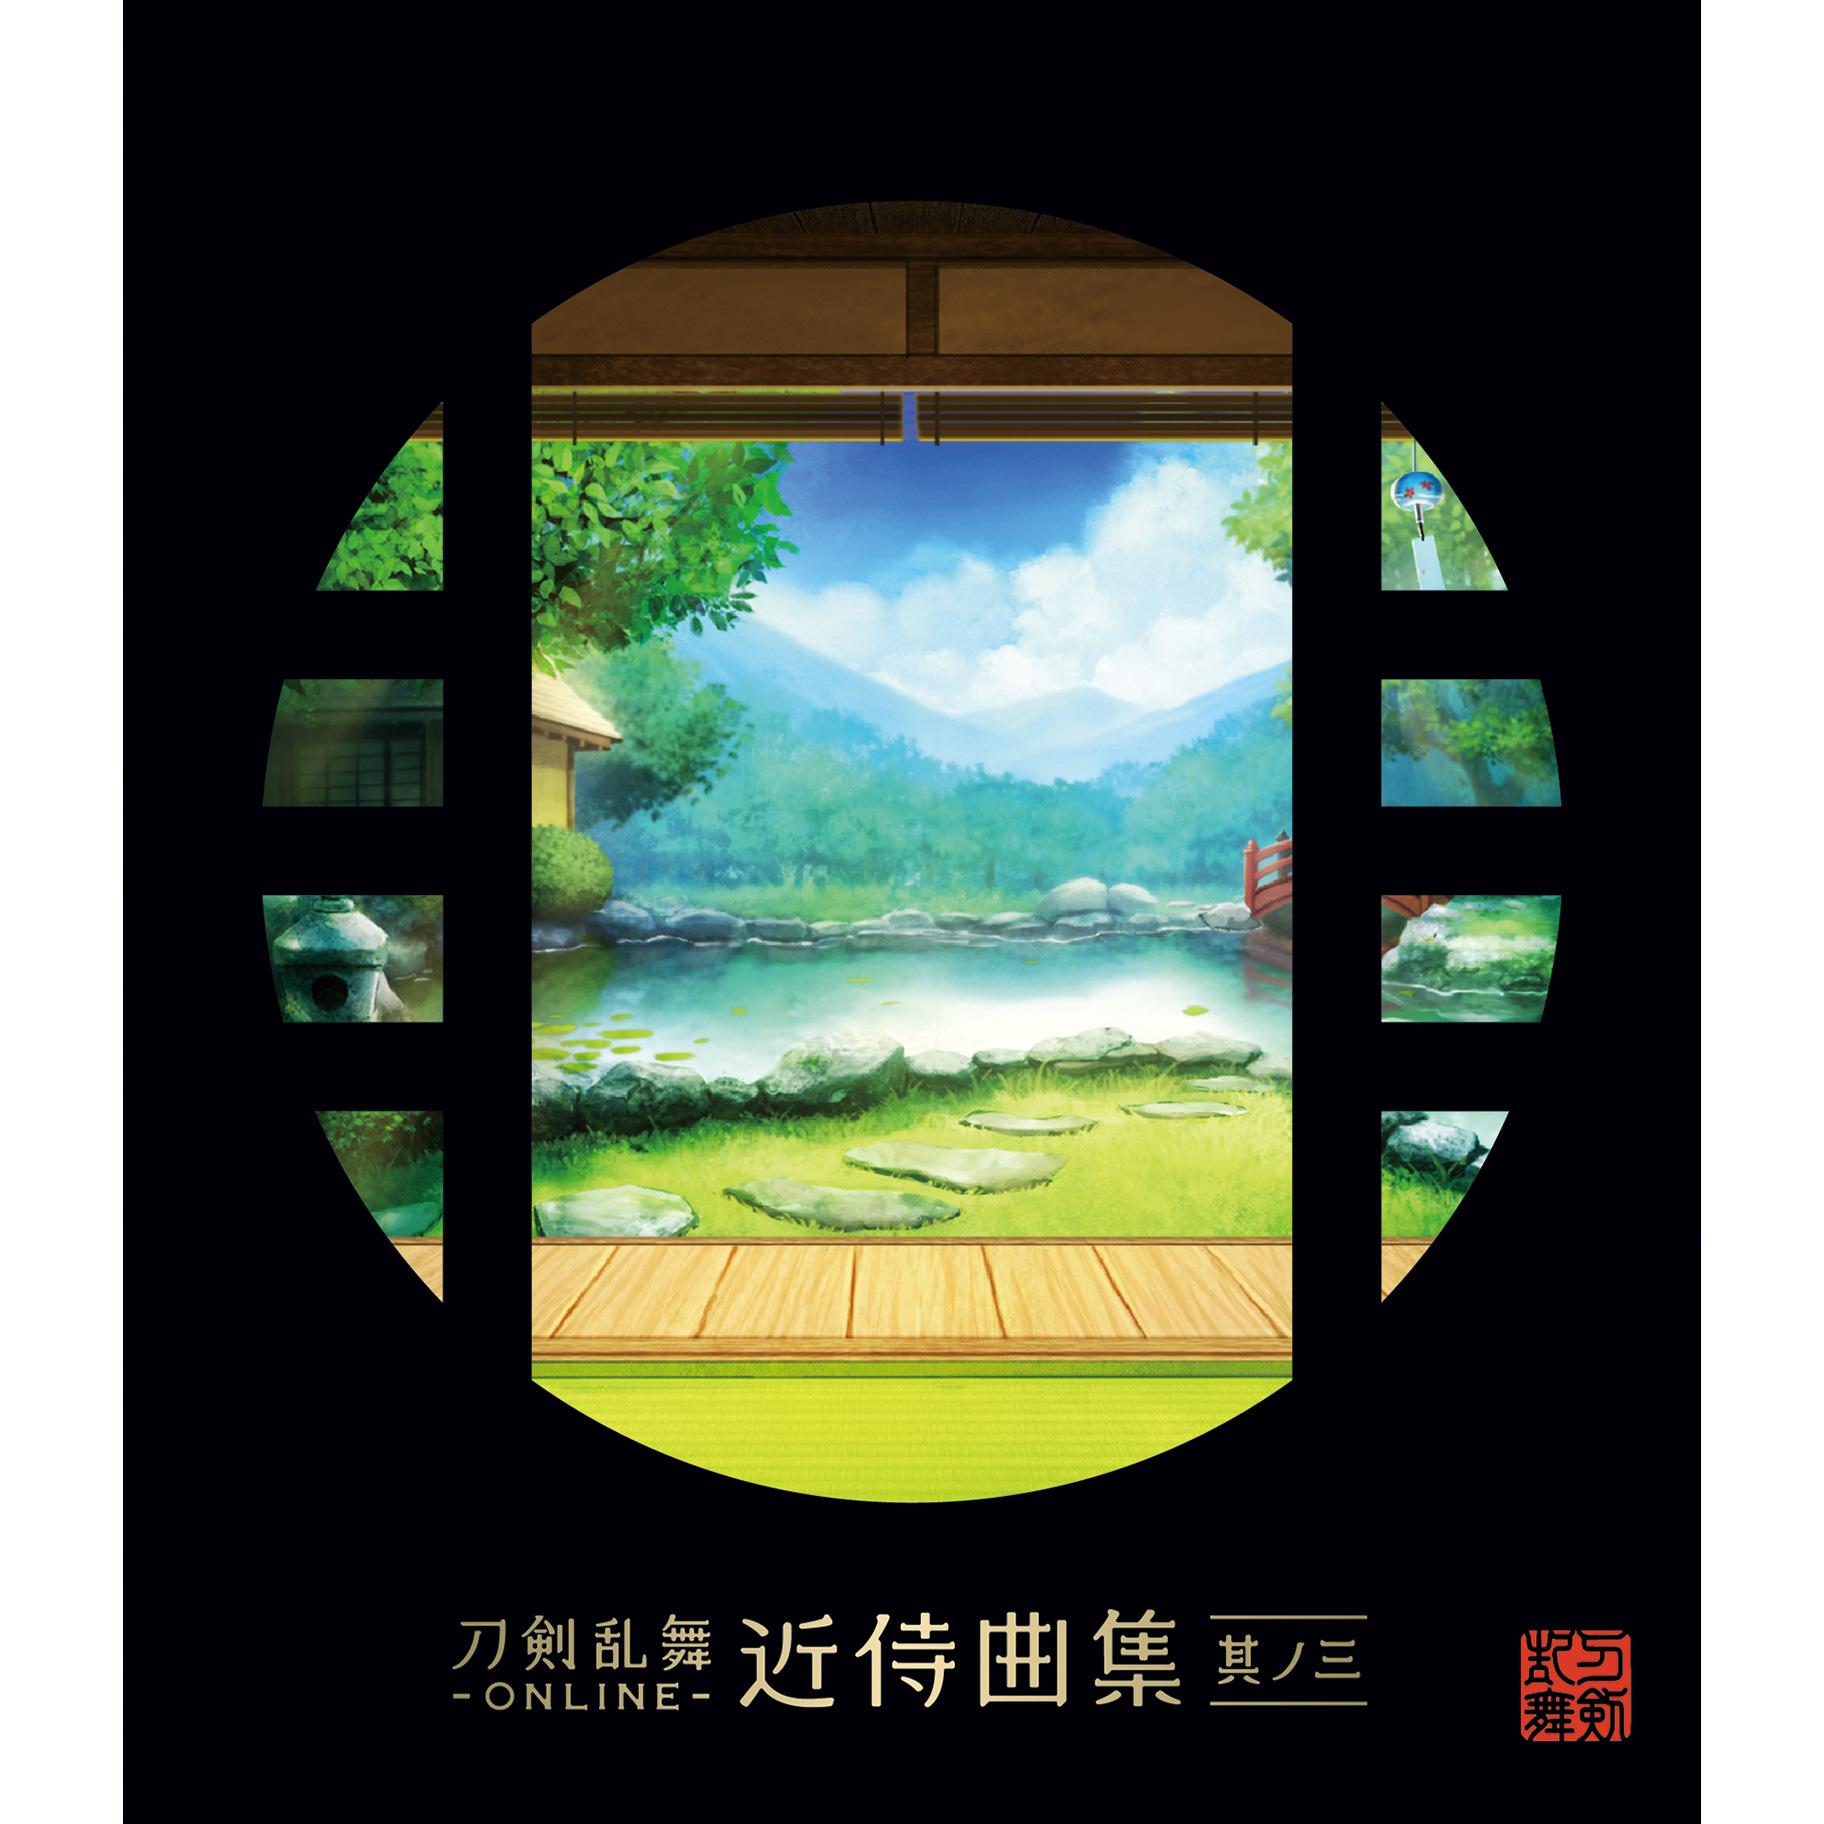 志方あきこ/都丸椋太(Elements Garden)/ 刀剣乱舞-ONLINE-近侍曲集 其ノ三